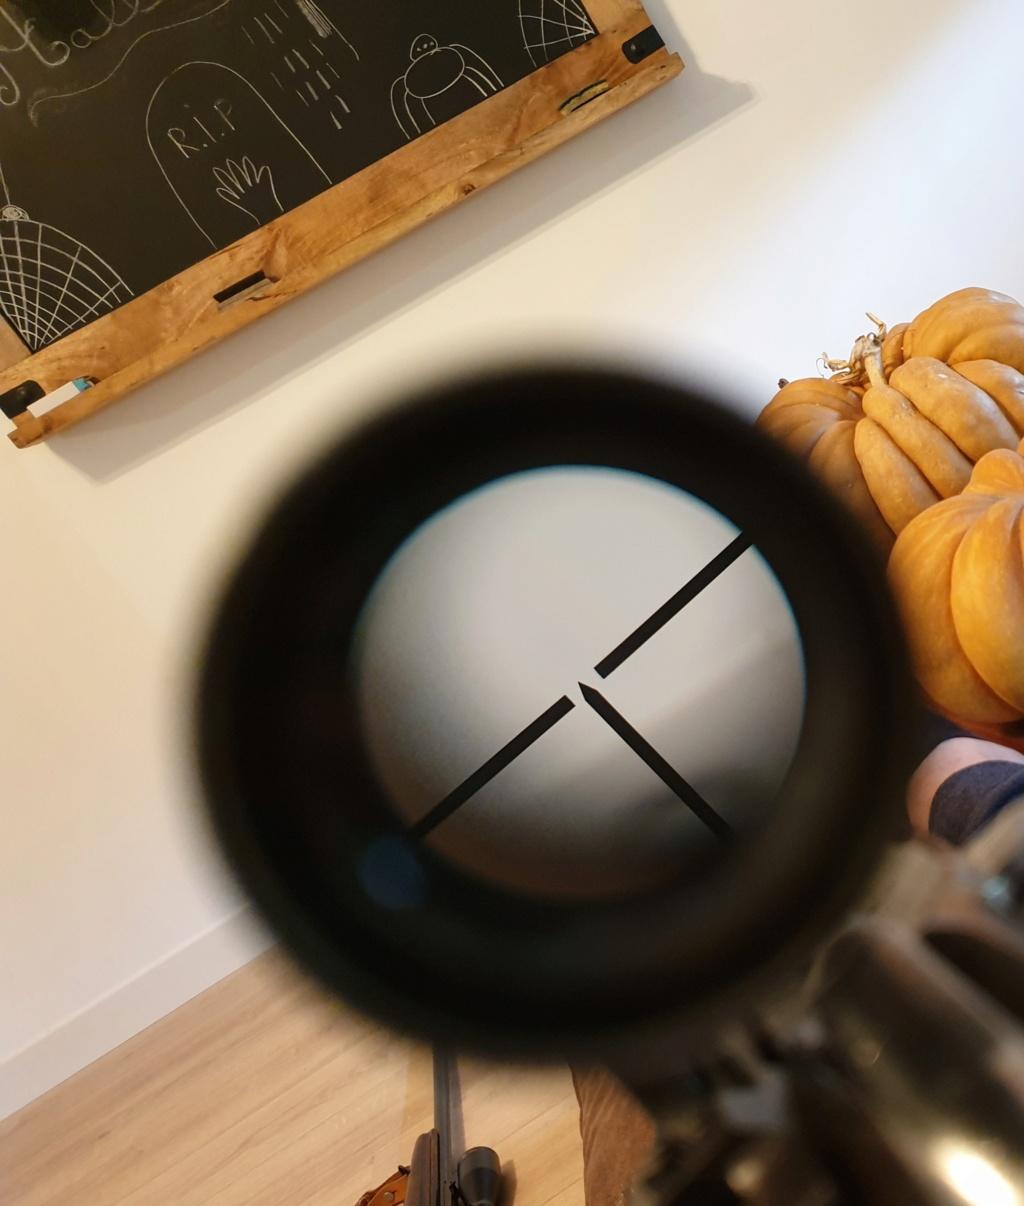 Mosin nagant sniper tulsky  20191138